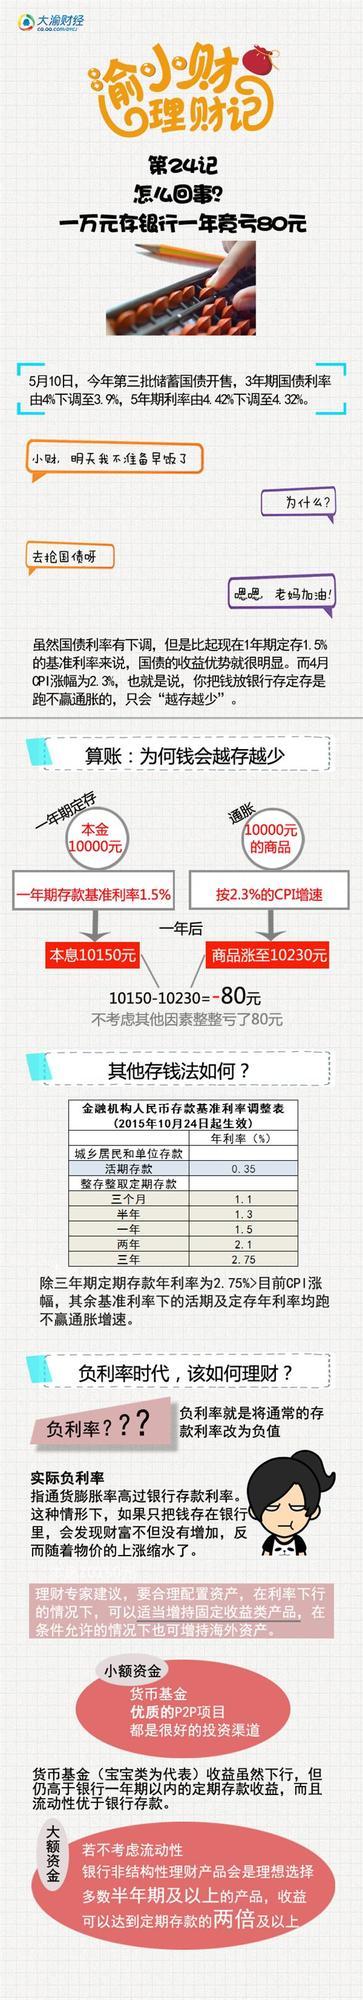 渝小财理财记24:一万块存银行一年竟然亏80元